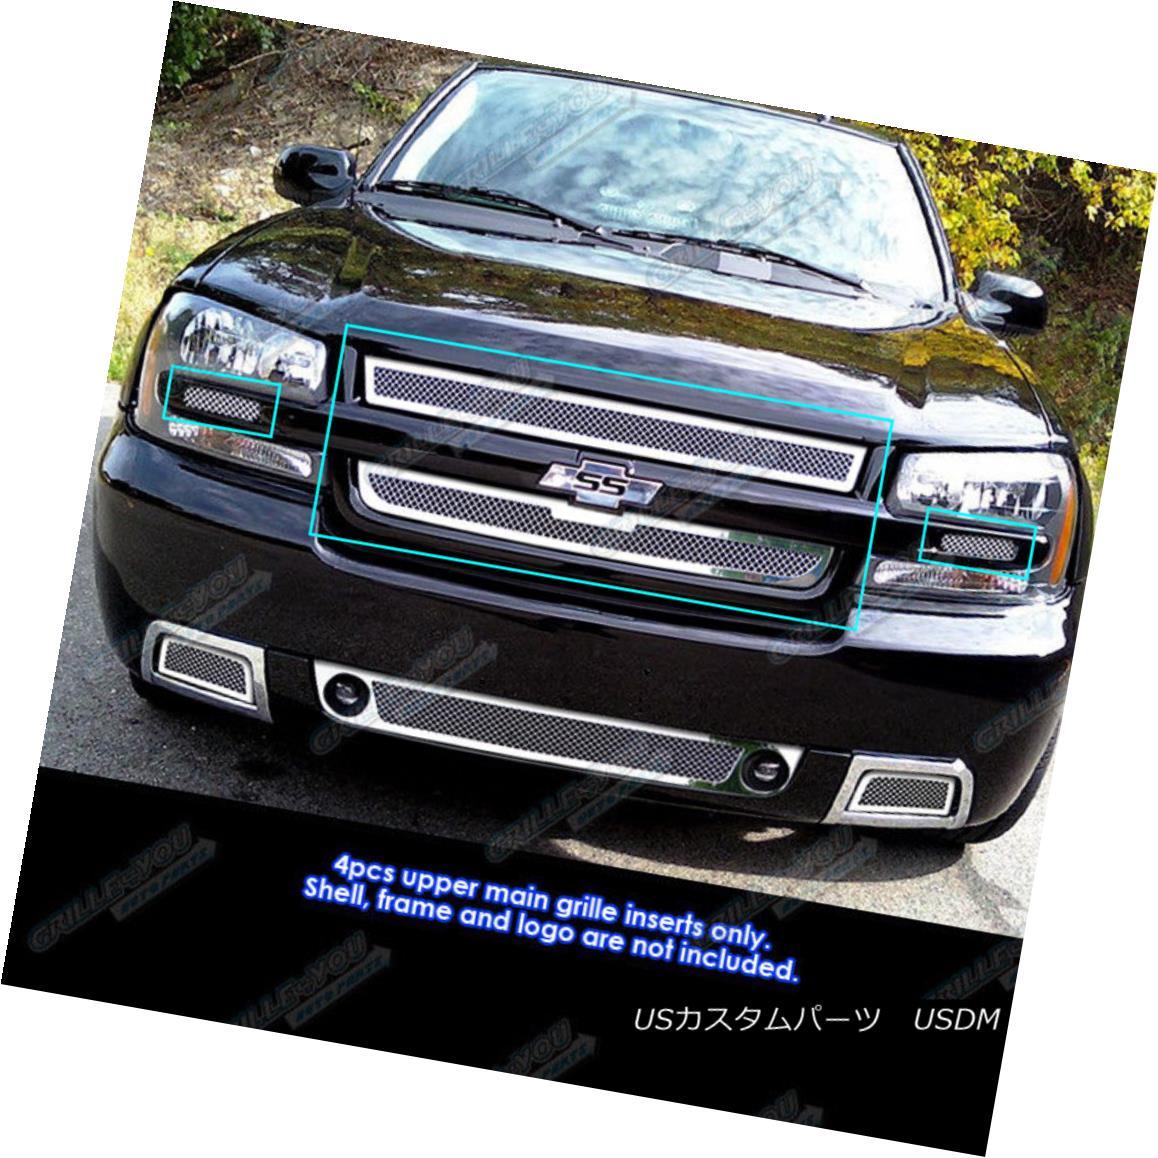 グリル Fits 2006-2009 Chevy Trailblazer SS Mesh Grille Insert フィット2006-2009シボレートレイルブレイザーSSメッシュグリルインサート